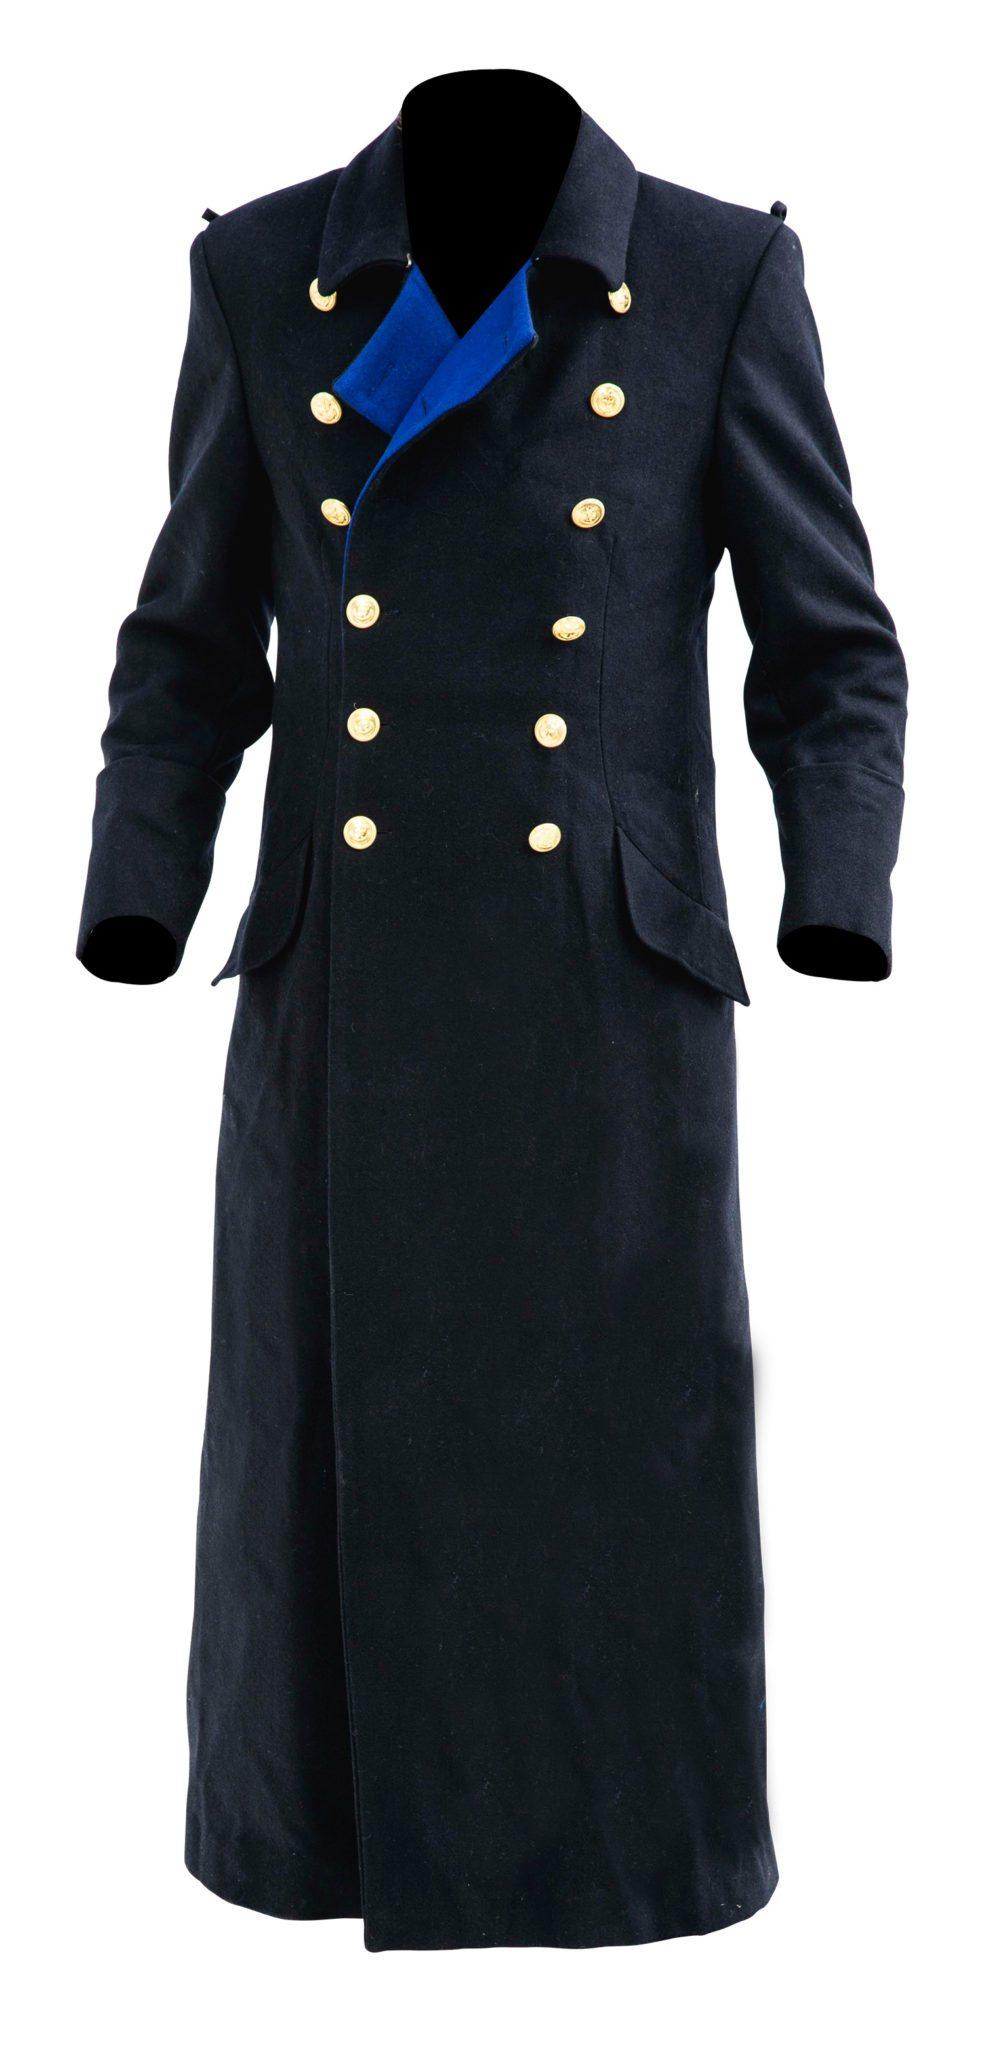 WW2 German Navy Kriegsmarine Admiral overcoat